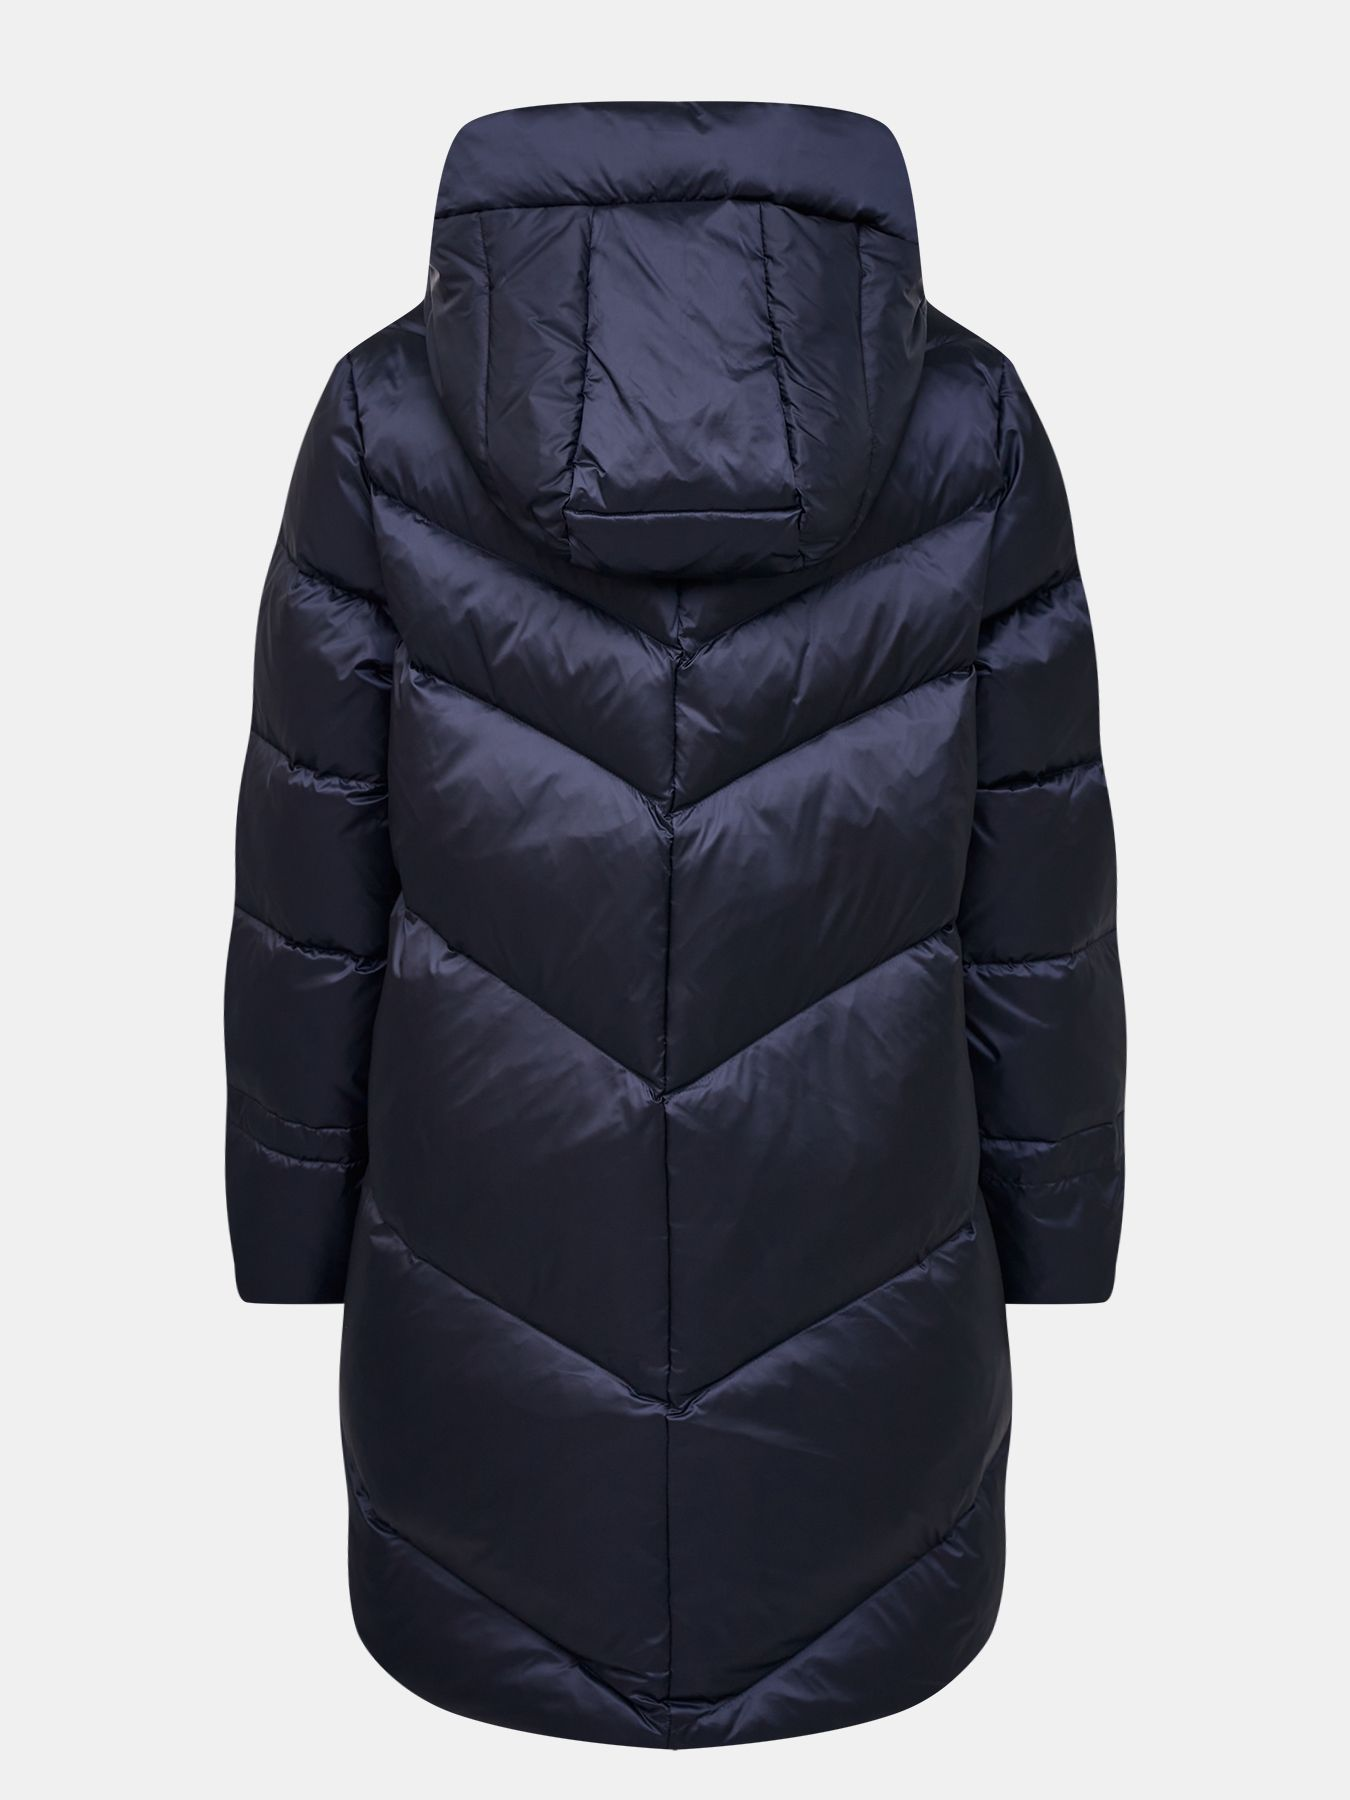 Полупальто ORSA Couture Пуховик недорого